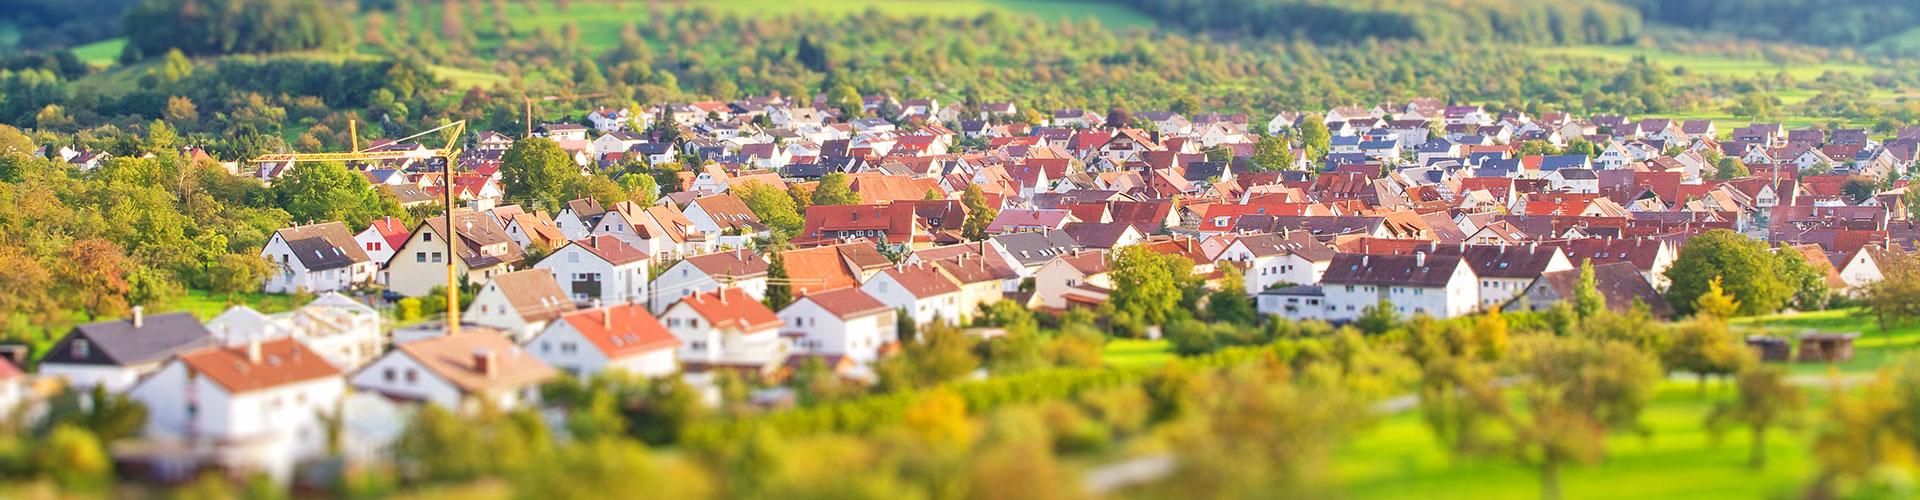 BERK Immobilien